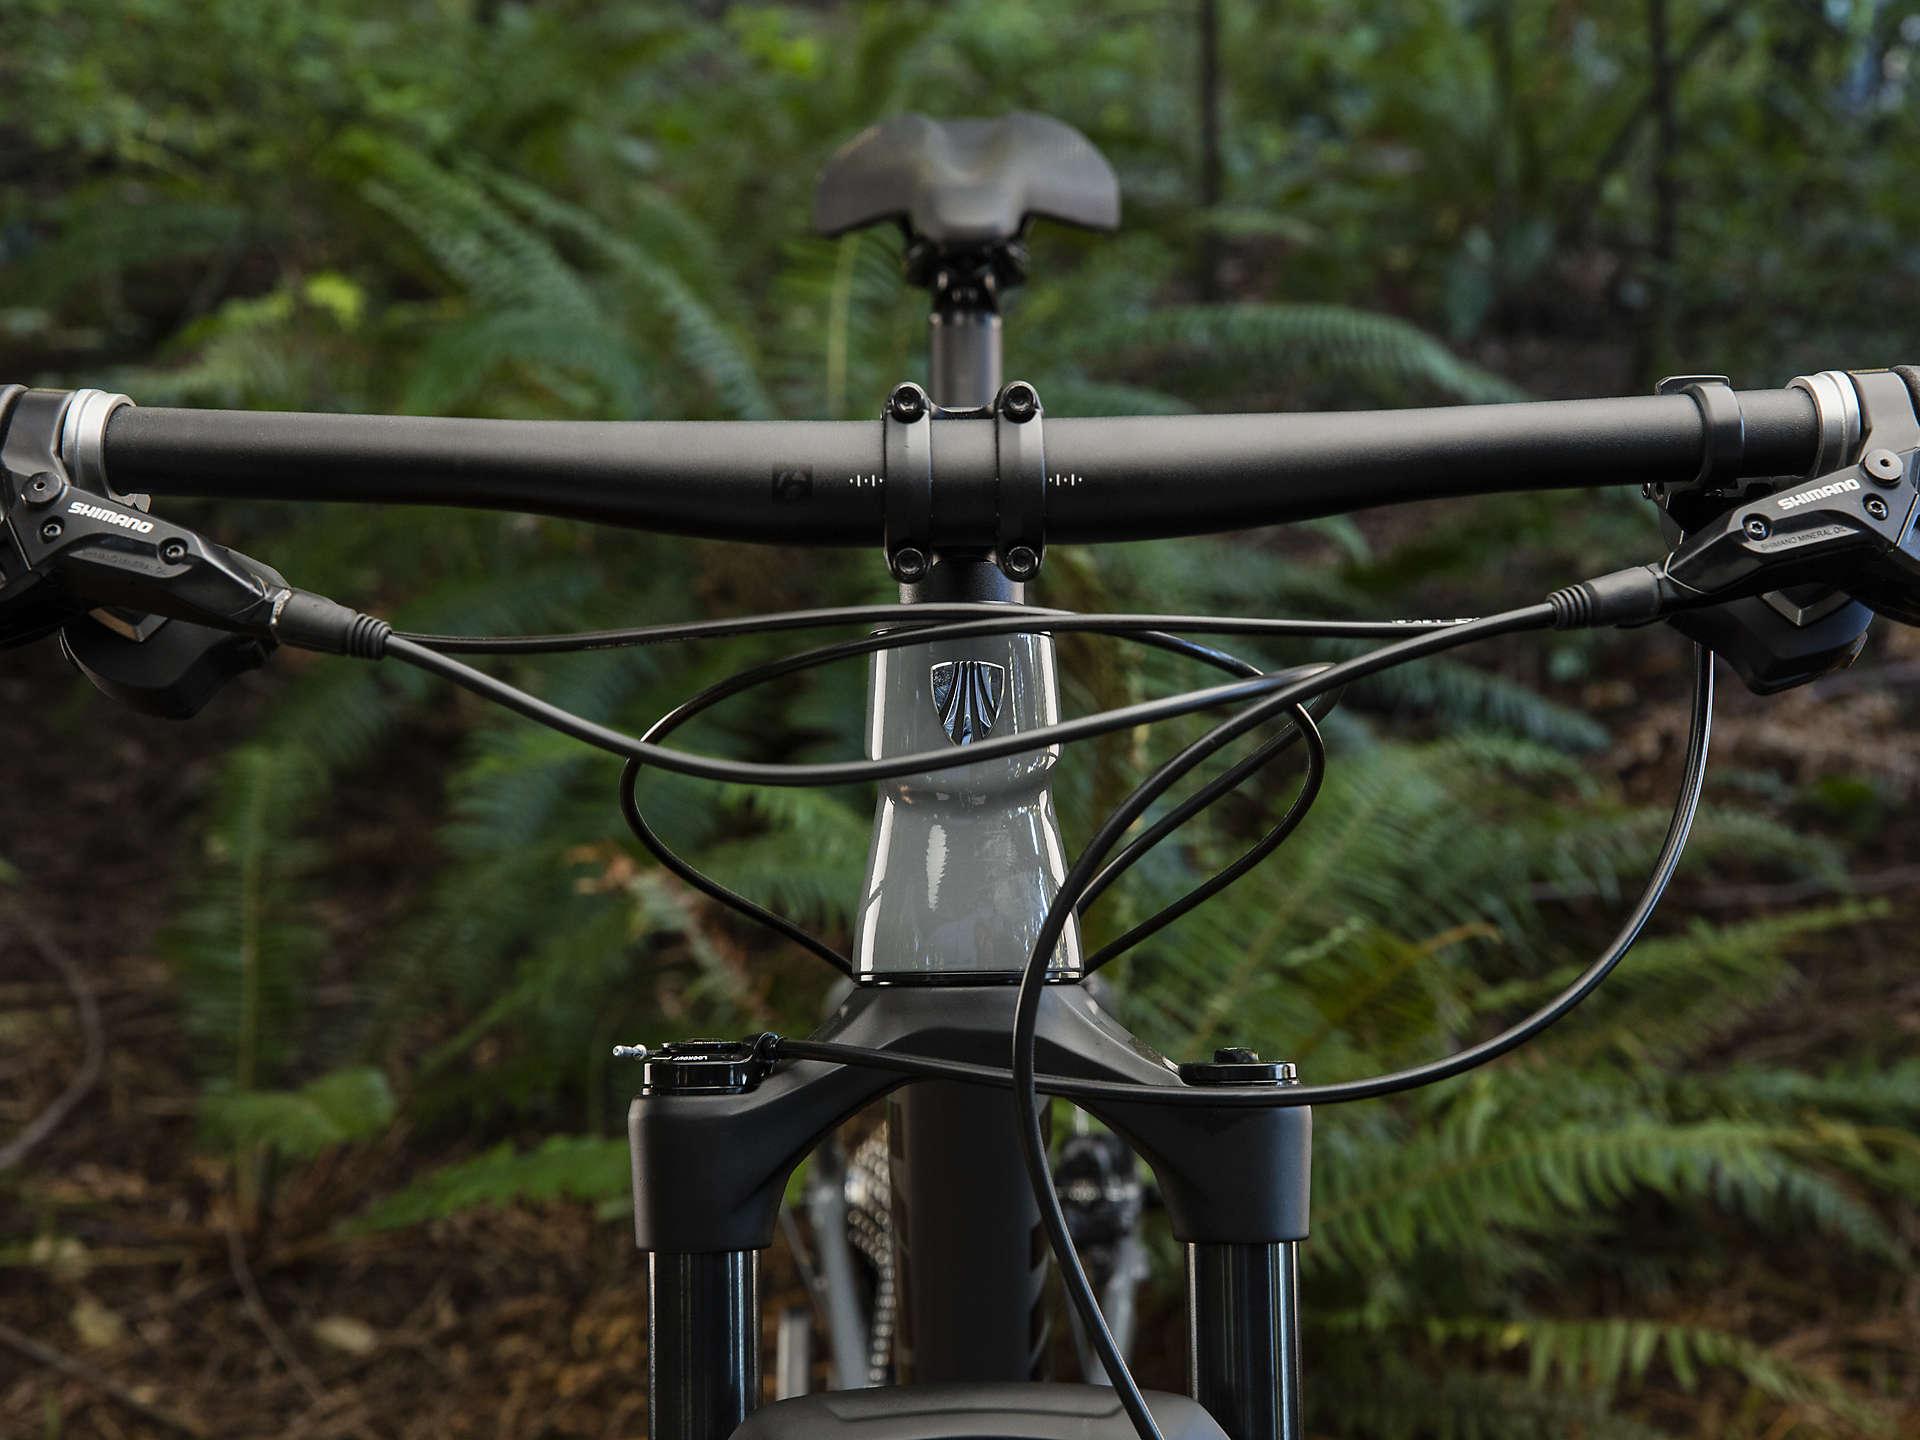 Bicicleta Trek X Caliber 9 - 2019 - R$8.075,00 - Tamanho 17,5